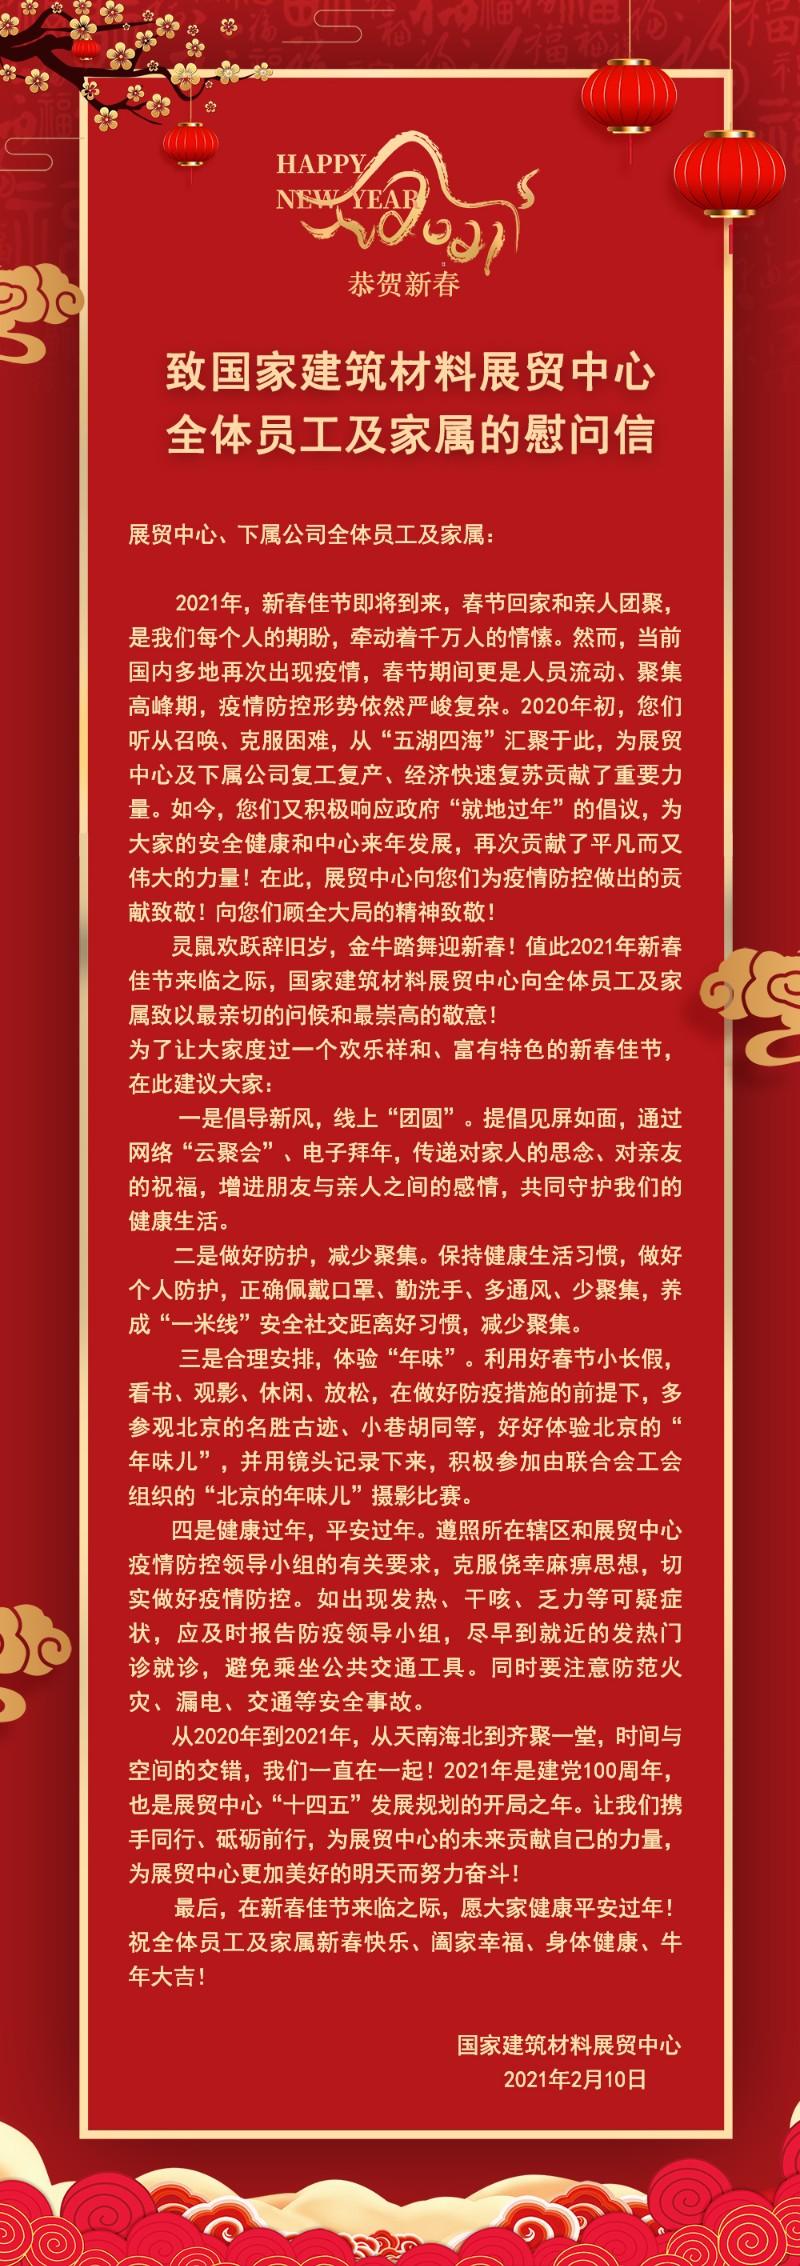 展貿中心-新春慰問信(長圖).jpg